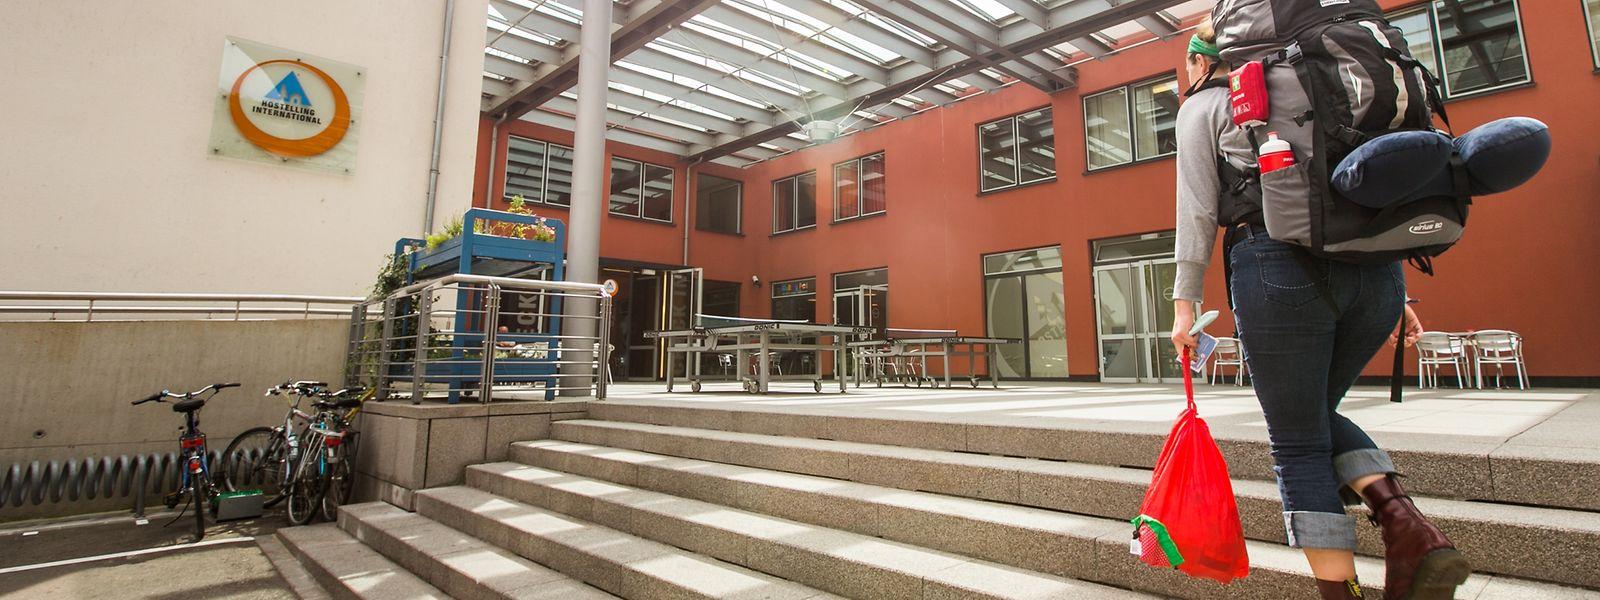 Jugendherbergen sind immer auch ein Ort der Begegnung. Mit ihren 240 Betten ist jene in Luxemburg-Stadt die größte des Landes.